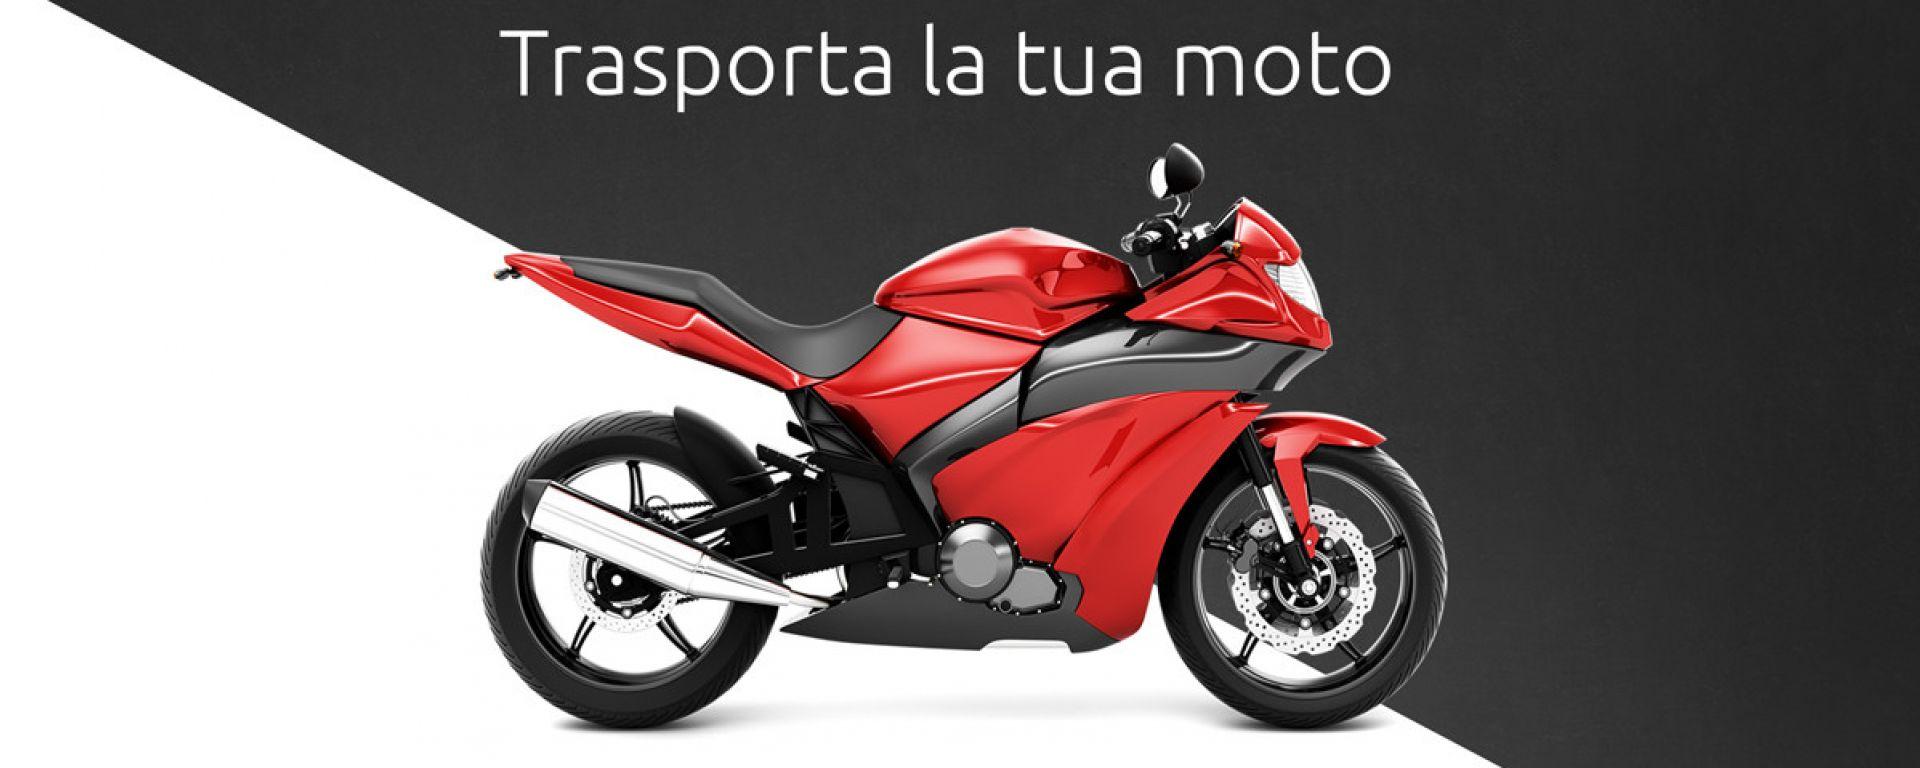 Spedingo: il trasporto moto per risparmiare fino al 70%